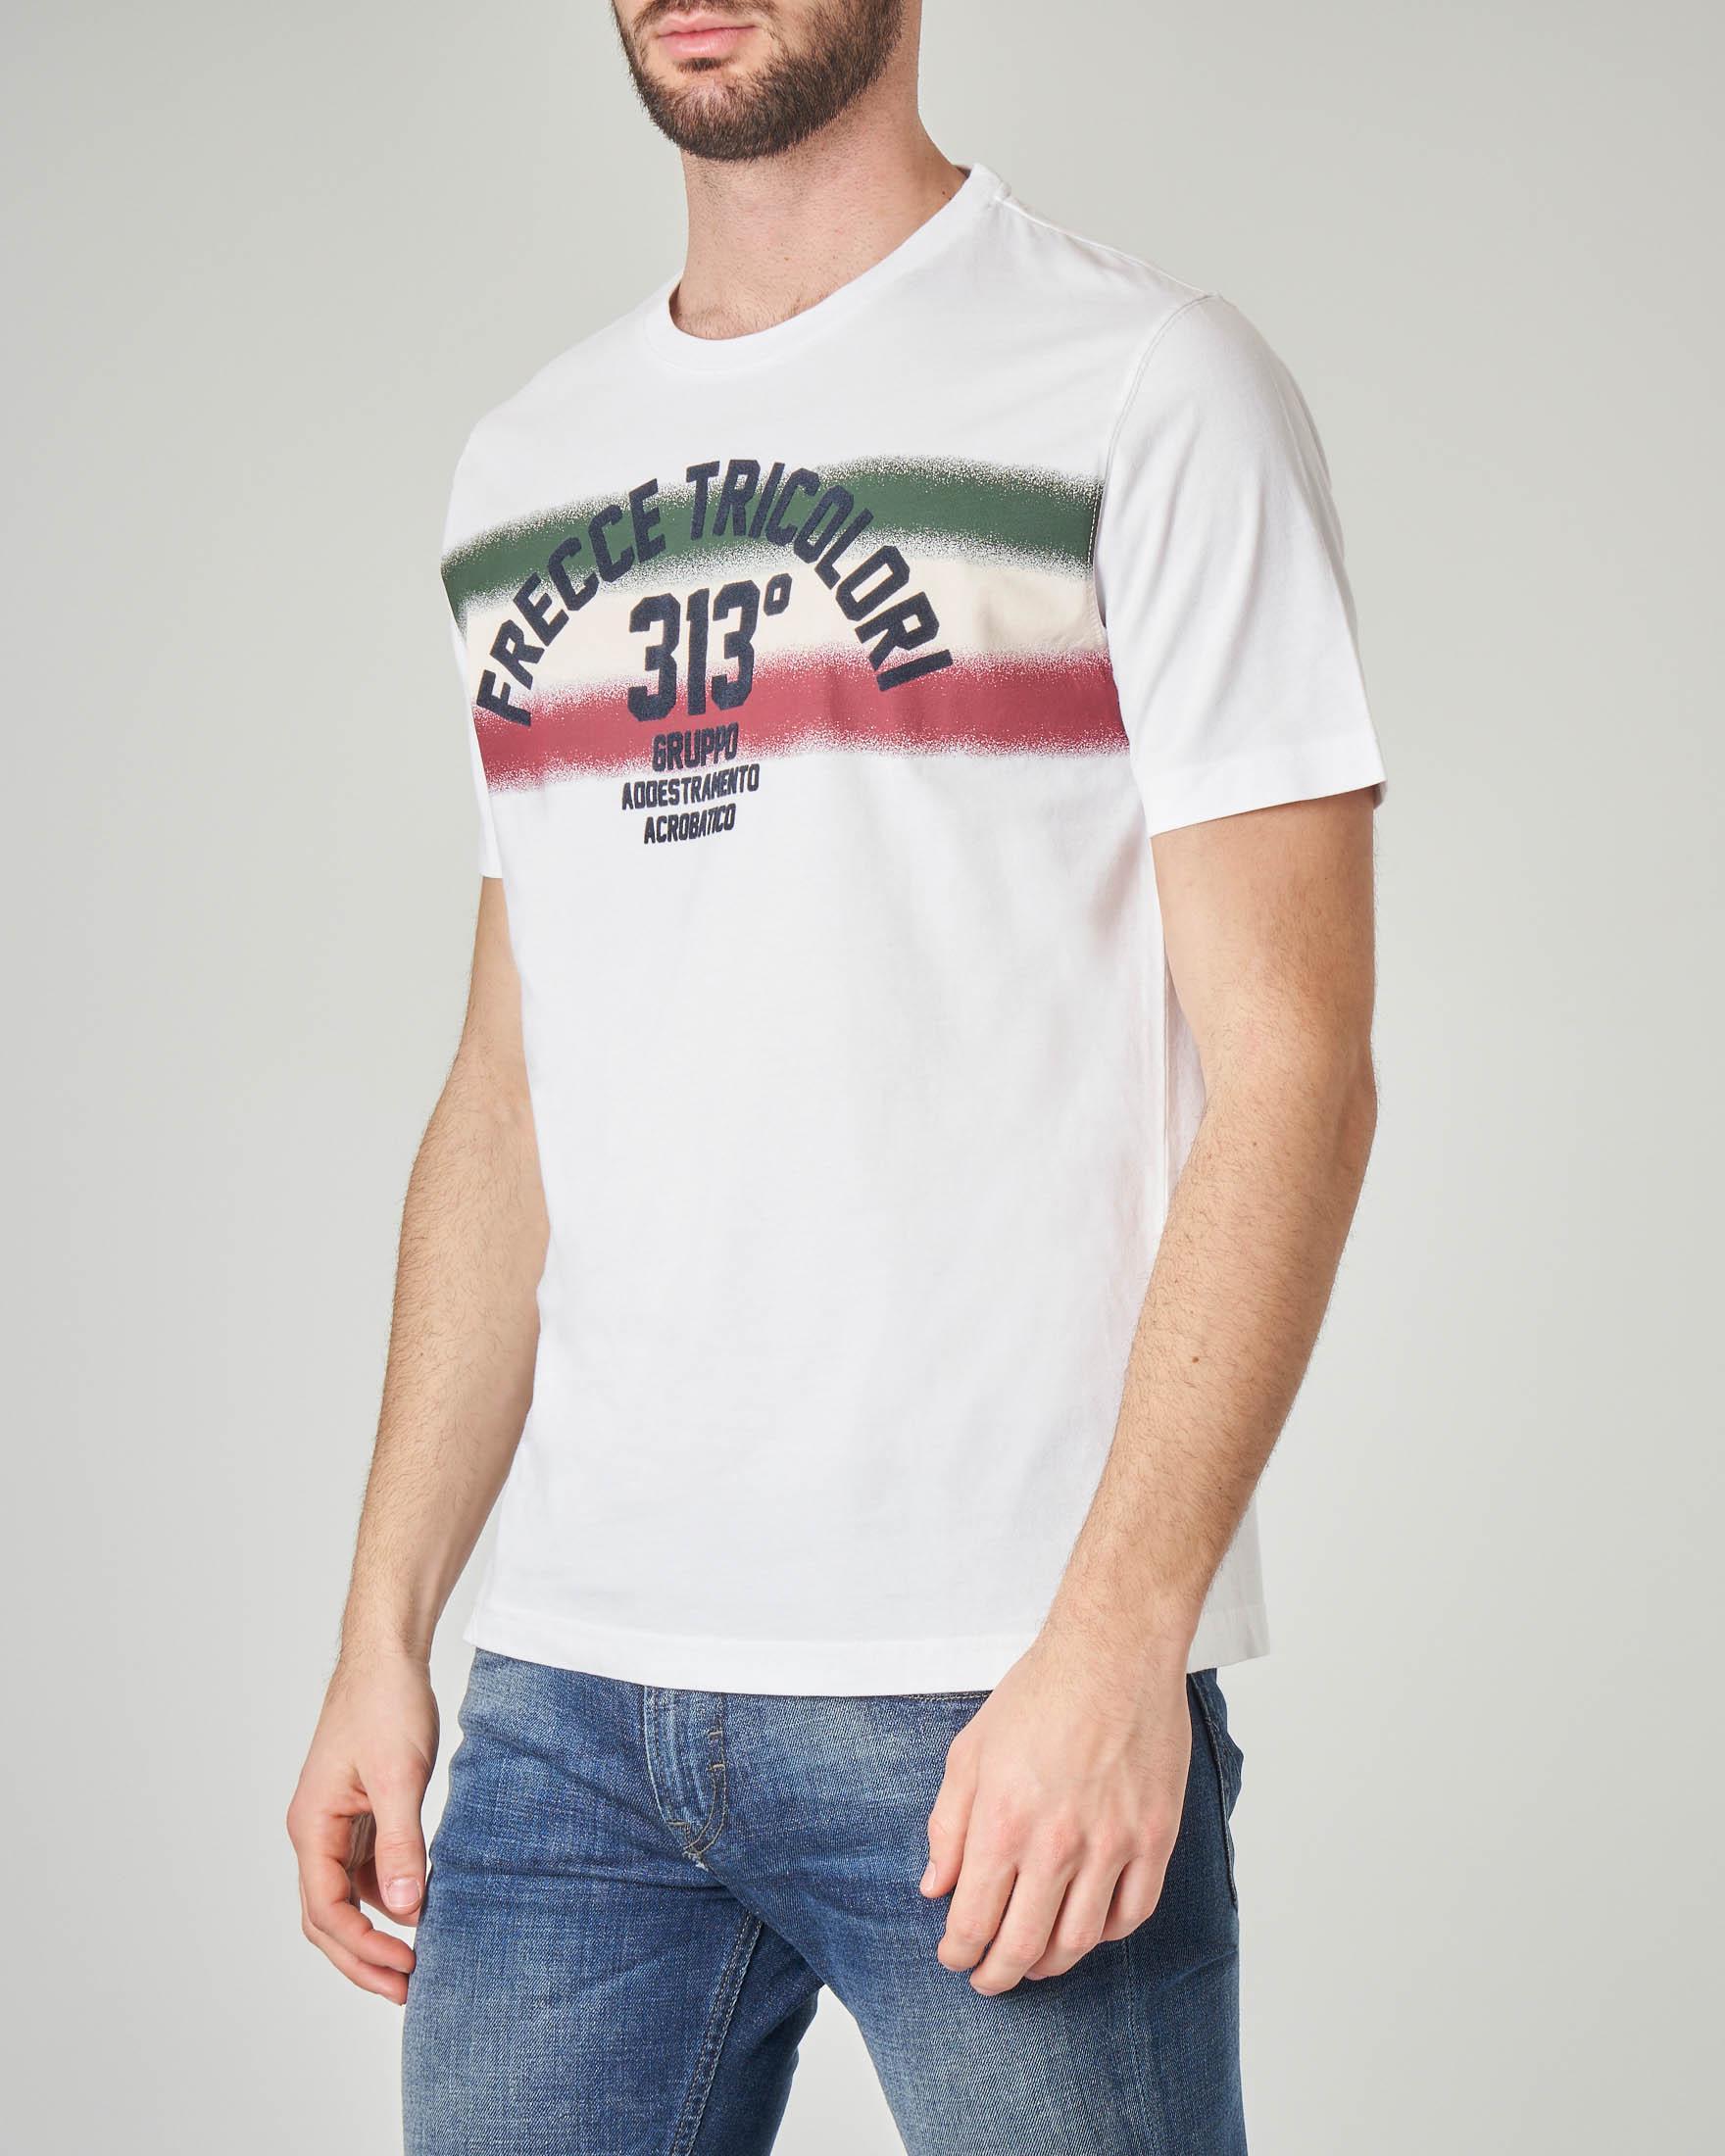 T-shirt bianca con scritte e fascia tricolore